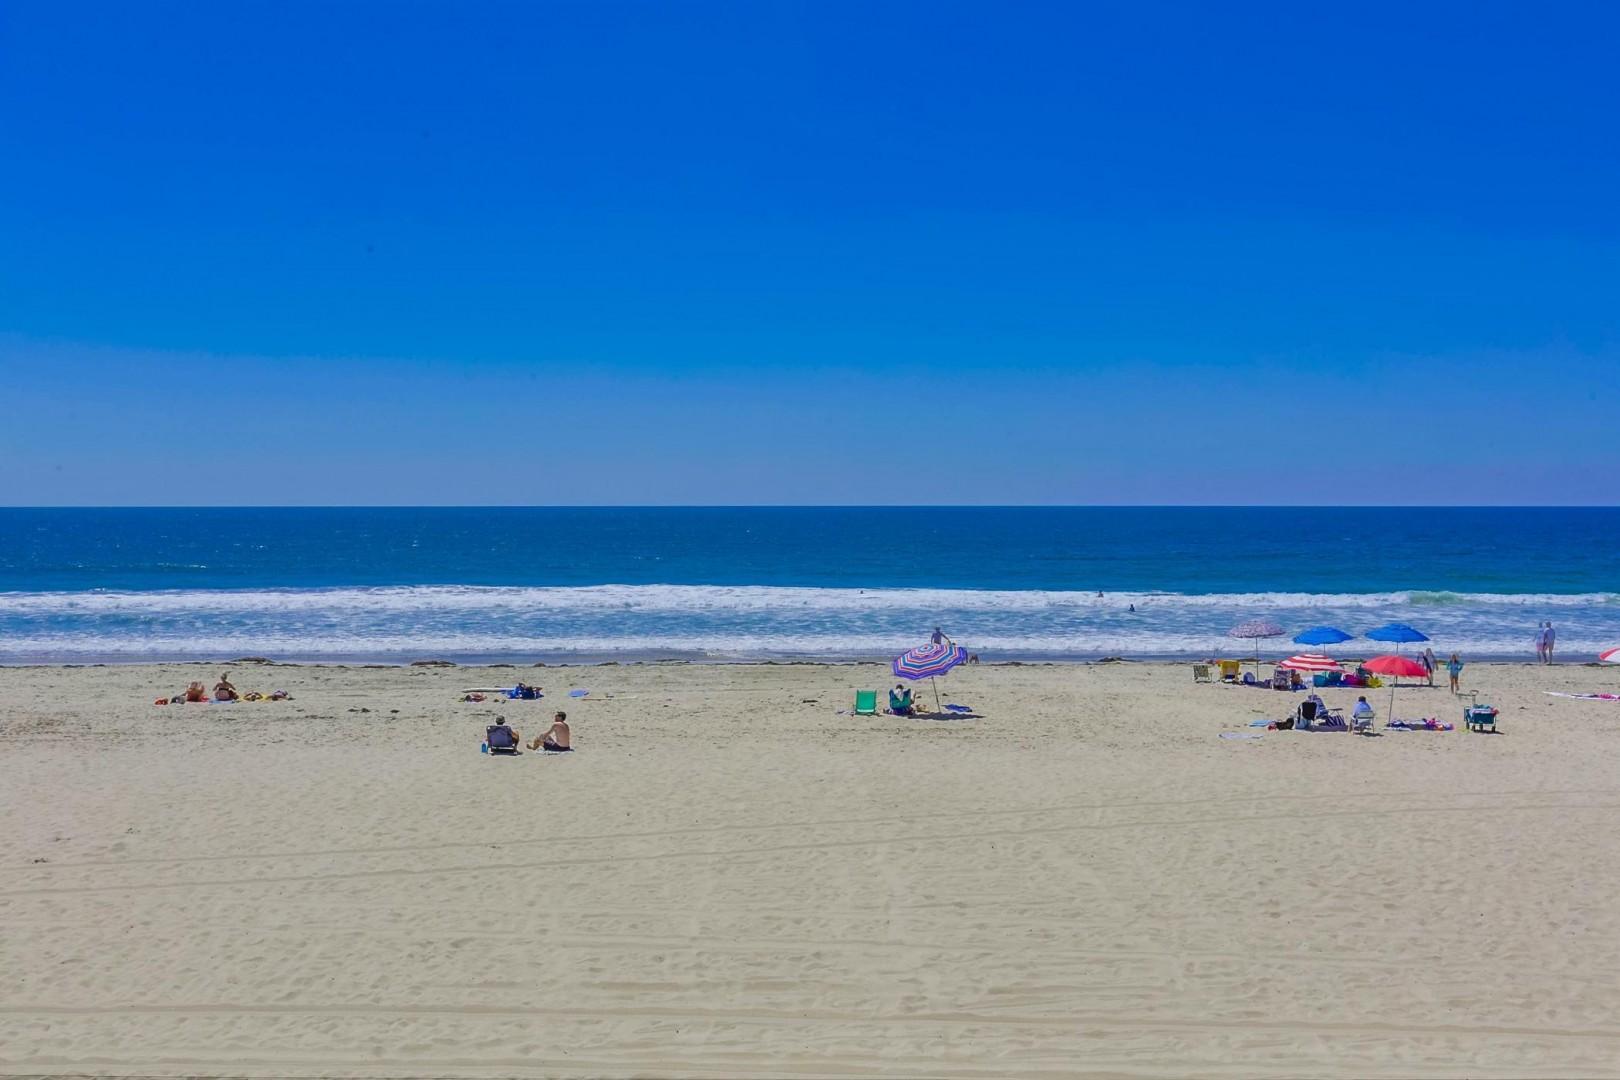 The beach is a short 2 minute walk